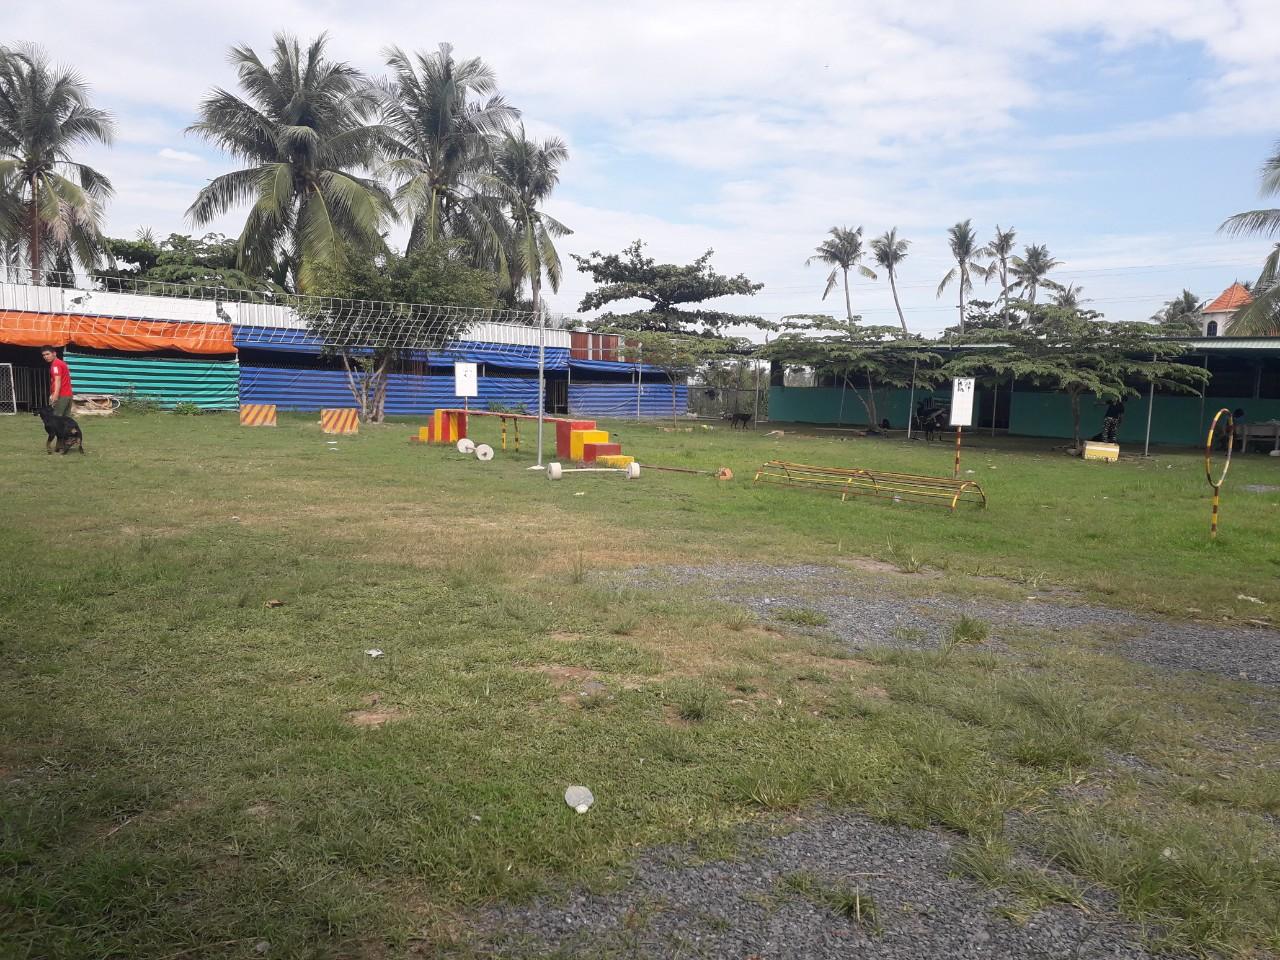 Dịch vụ nhận chăm sóc chó ngày tết uy tín tại Tphcm, Bình Dương